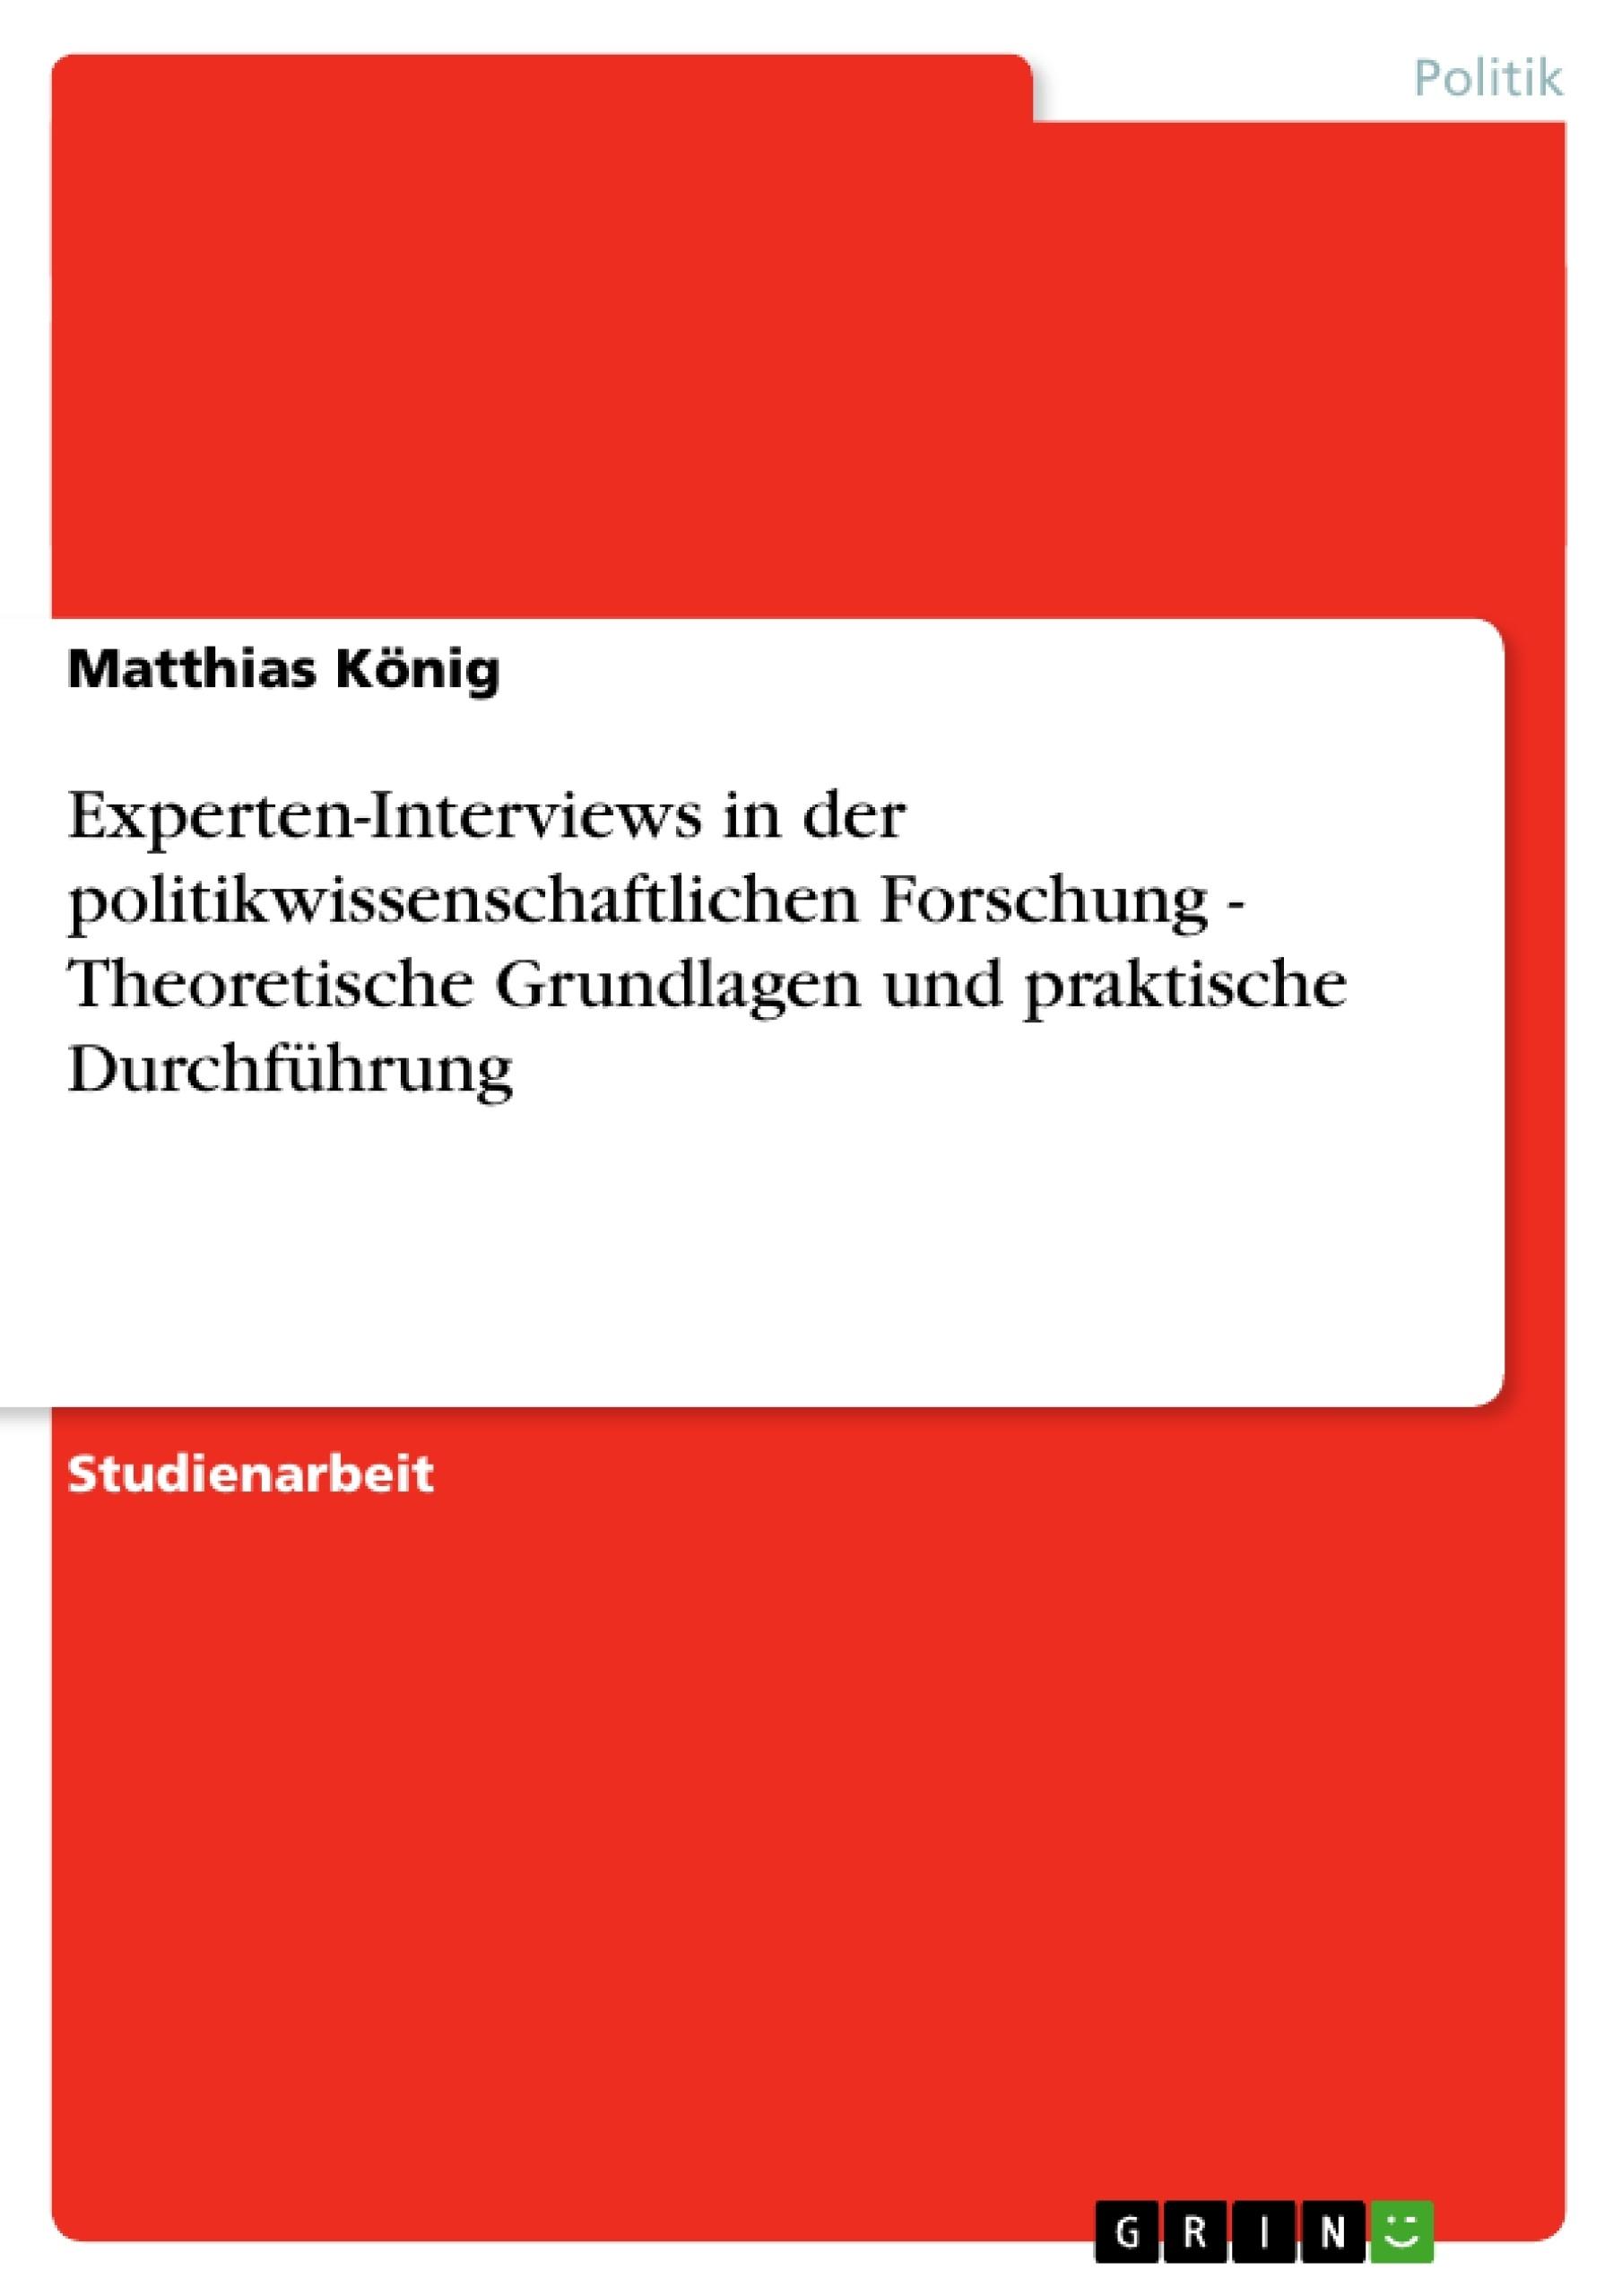 Titel: Experten-Interviews in der politikwissenschaftlichen Forschung - Theoretische Grundlagen und praktische Durchführung